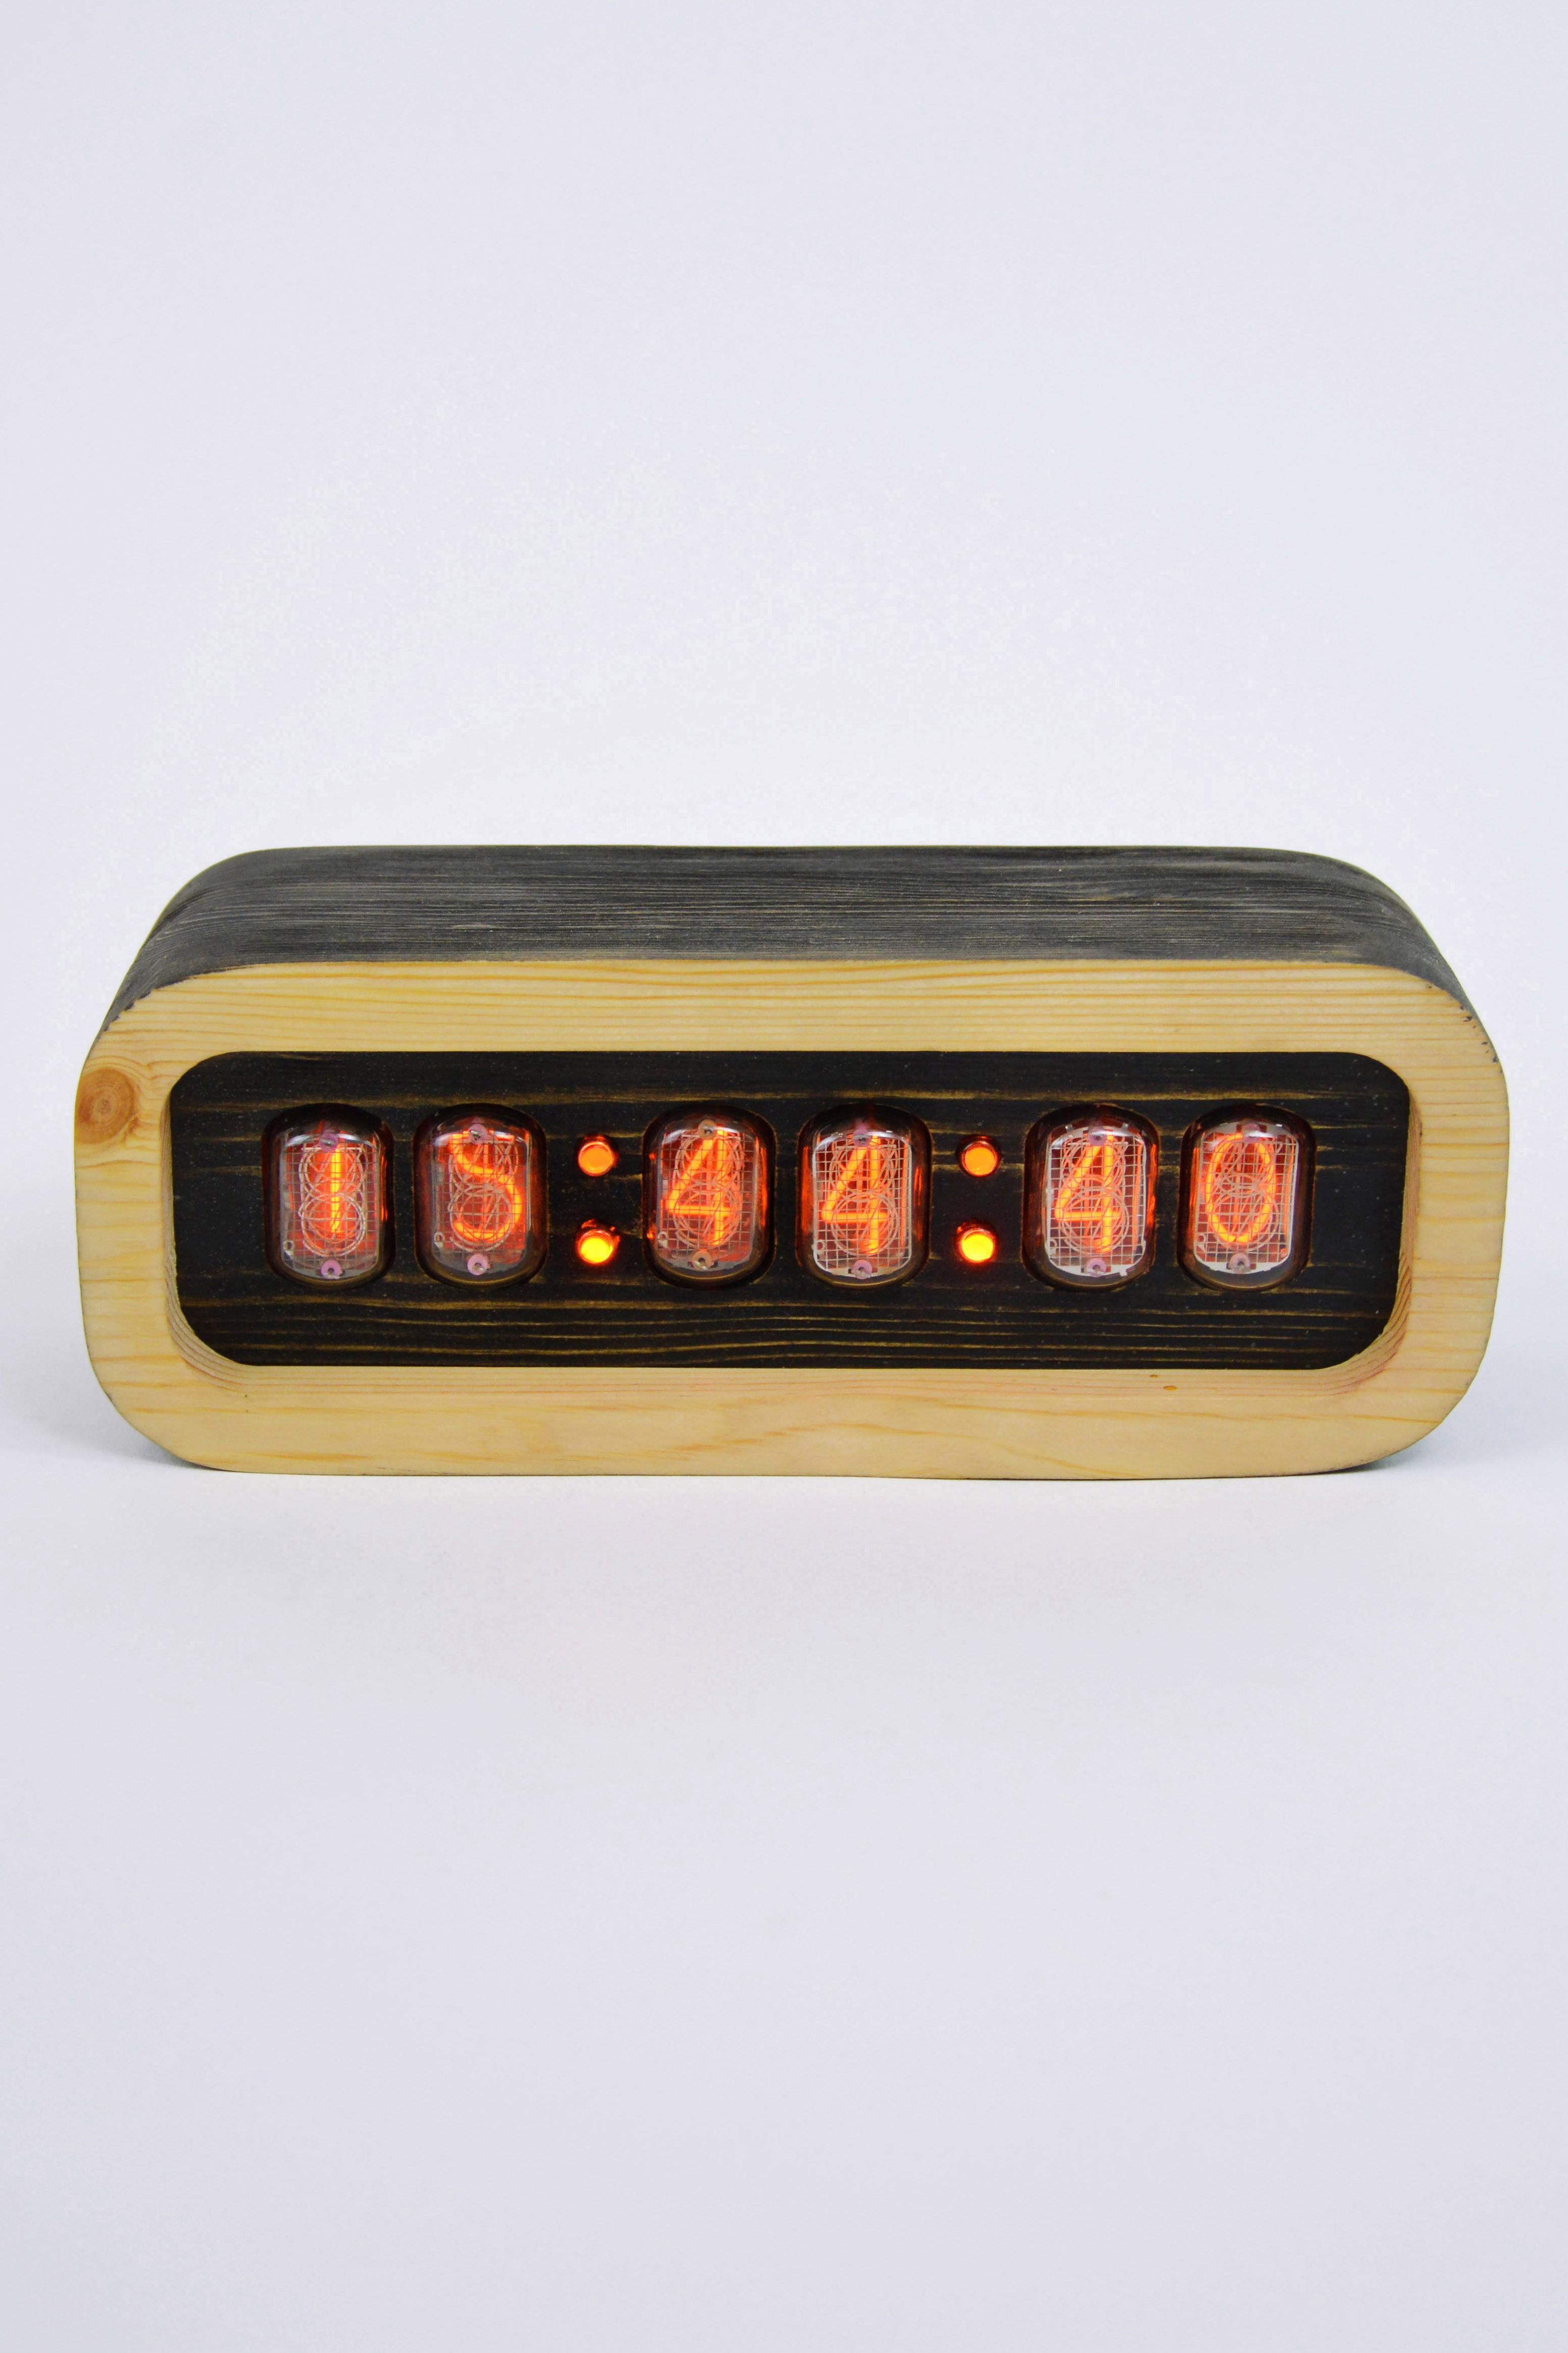 Ламповые часы - деревянные (венге/светлые)